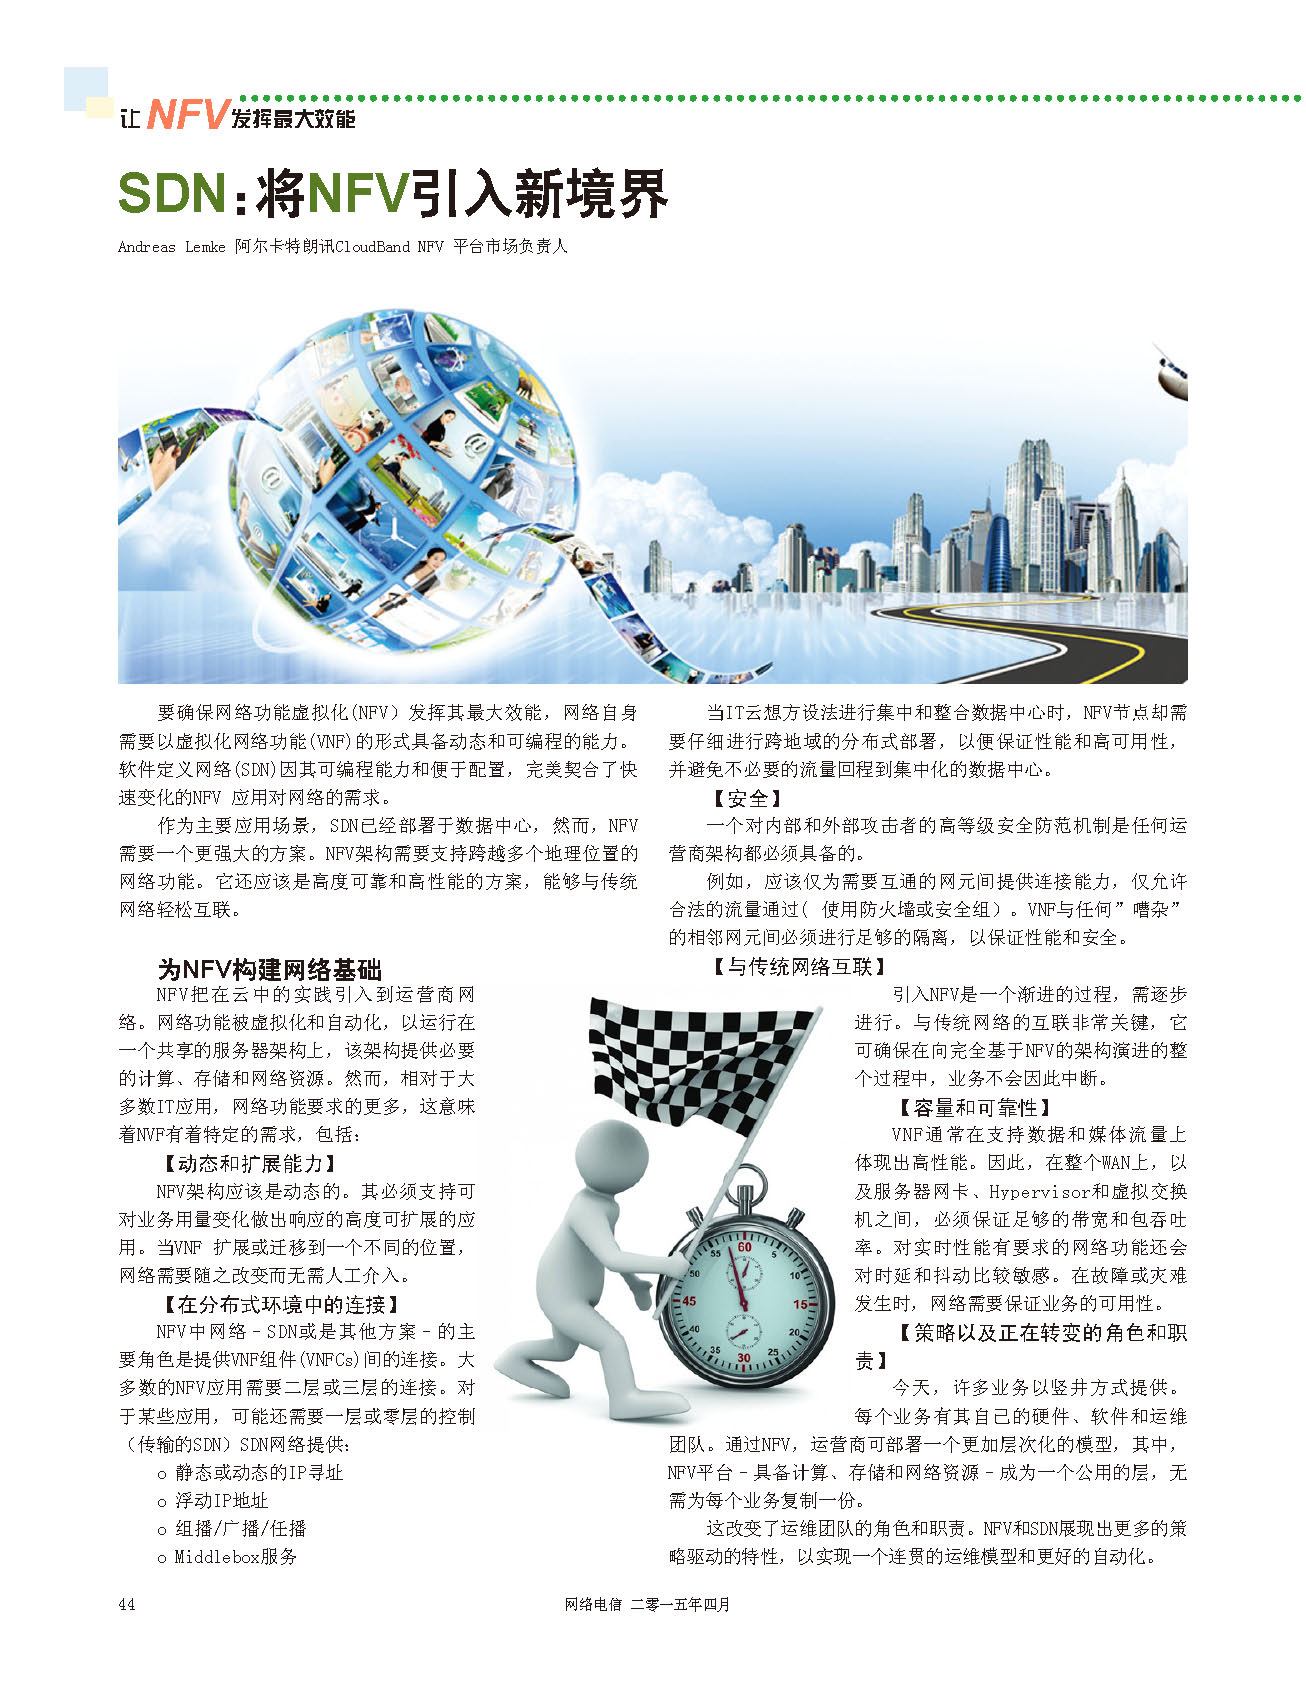 电信2015-04_页面_44.jpg